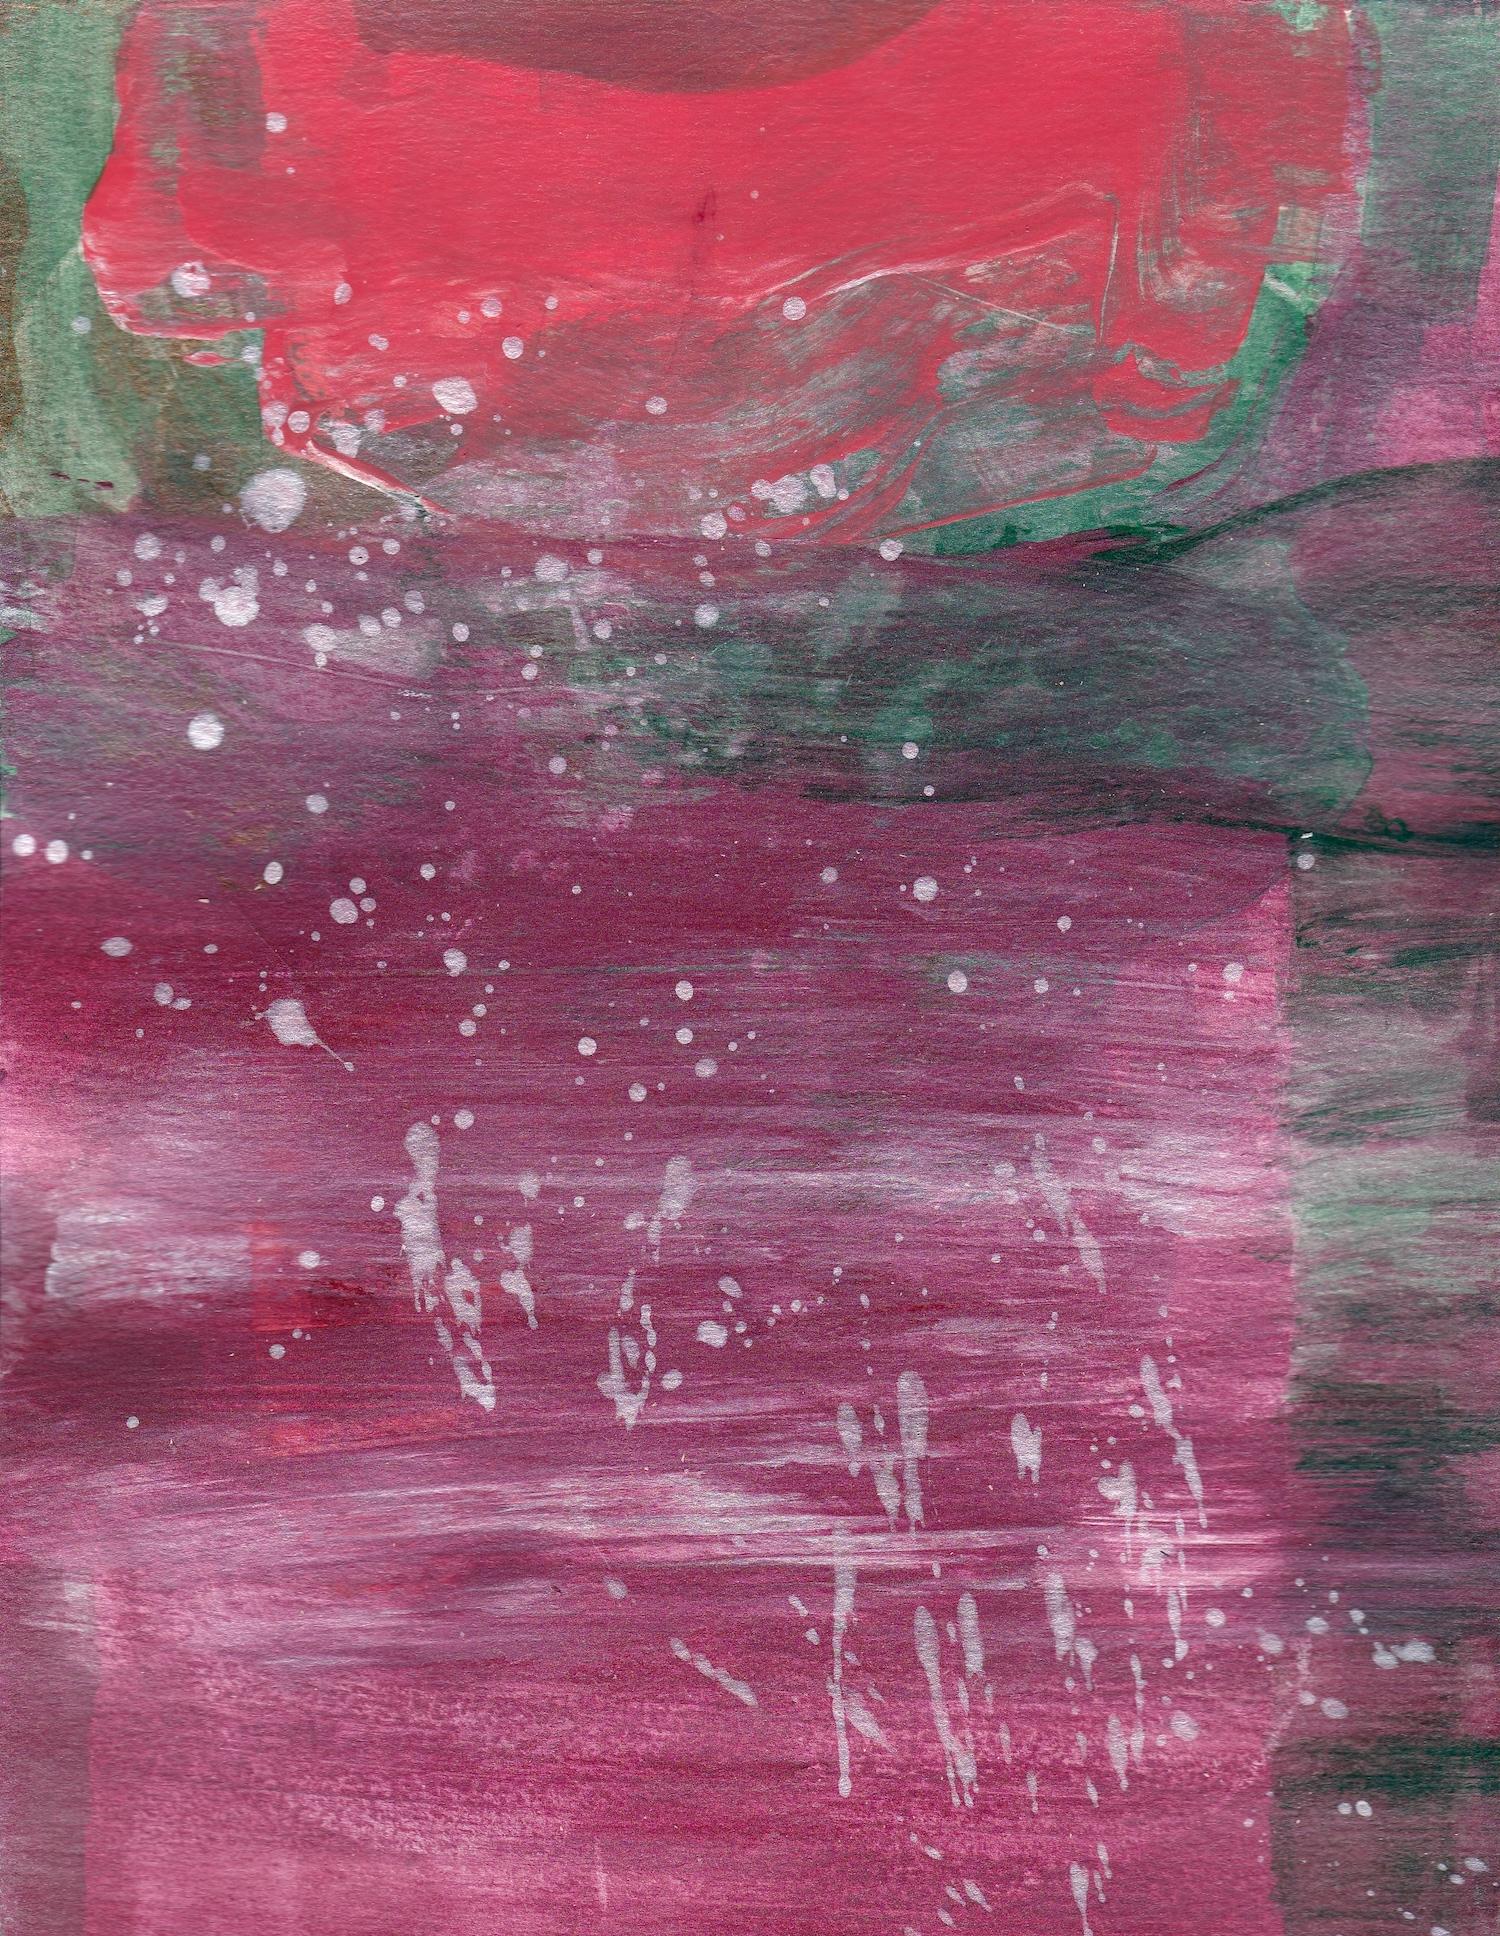 Composition #3